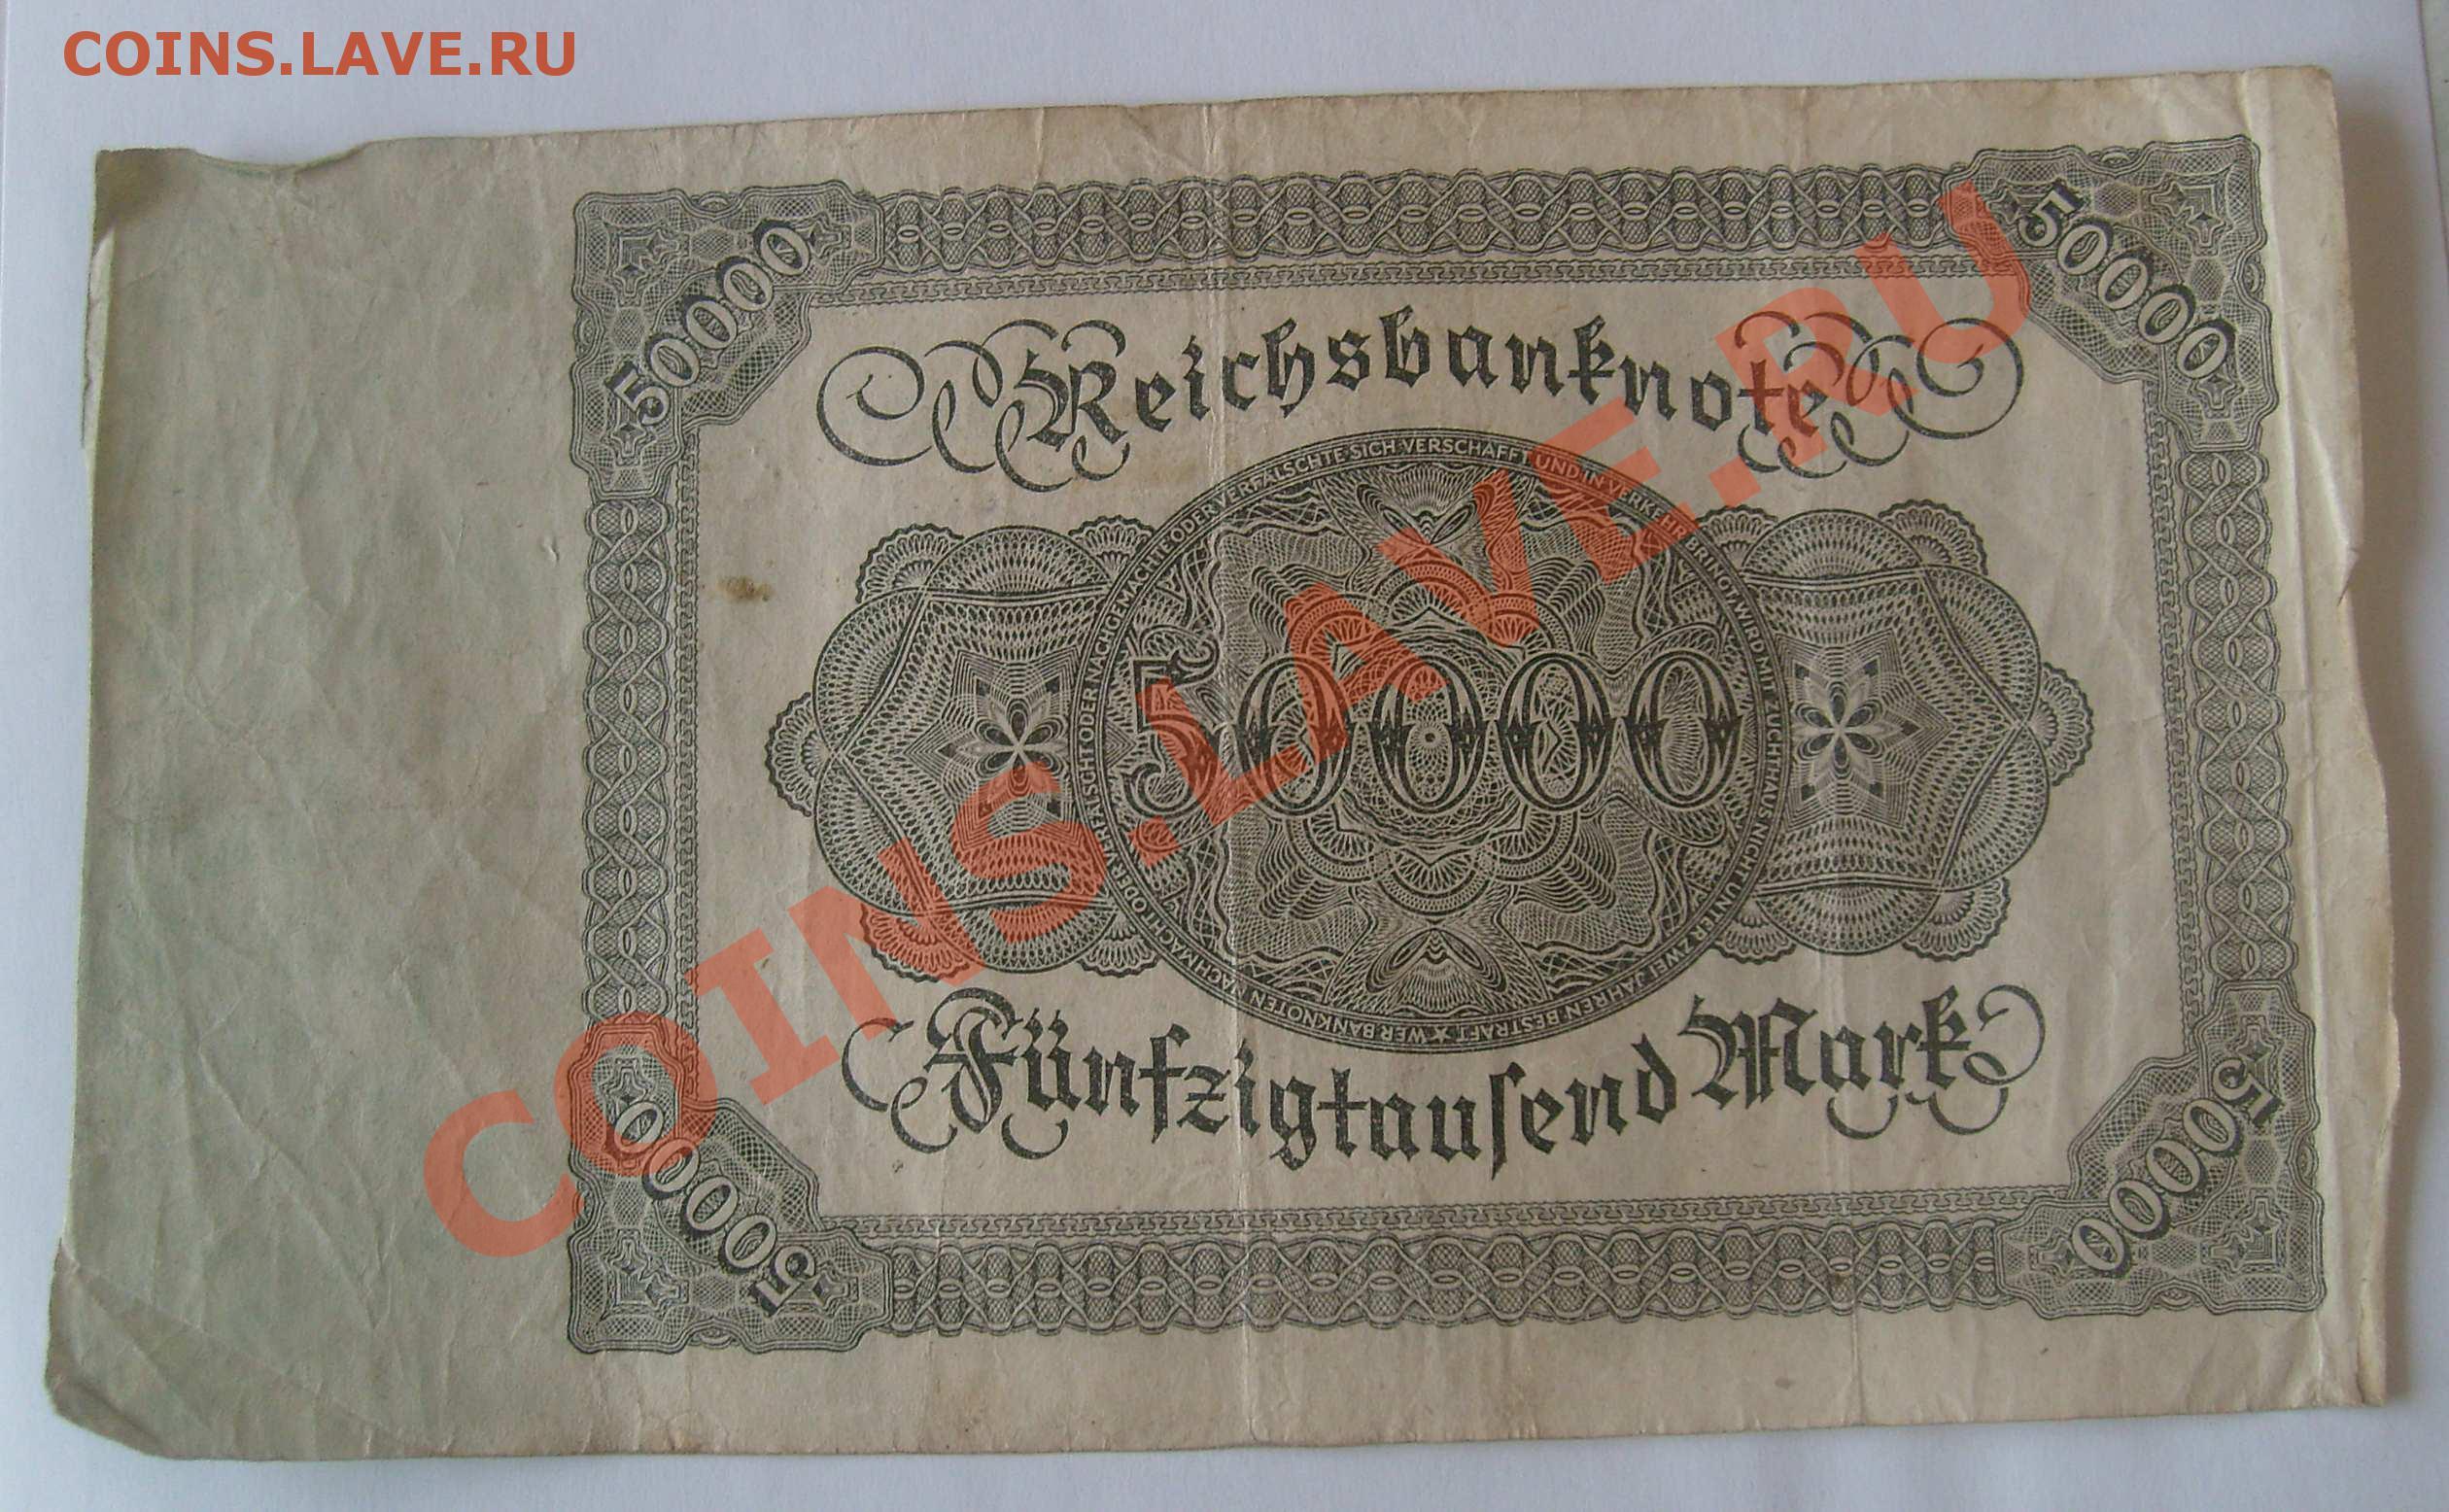 Рейхсбанкноты серебряная монета золотая курочка ниуэ купить